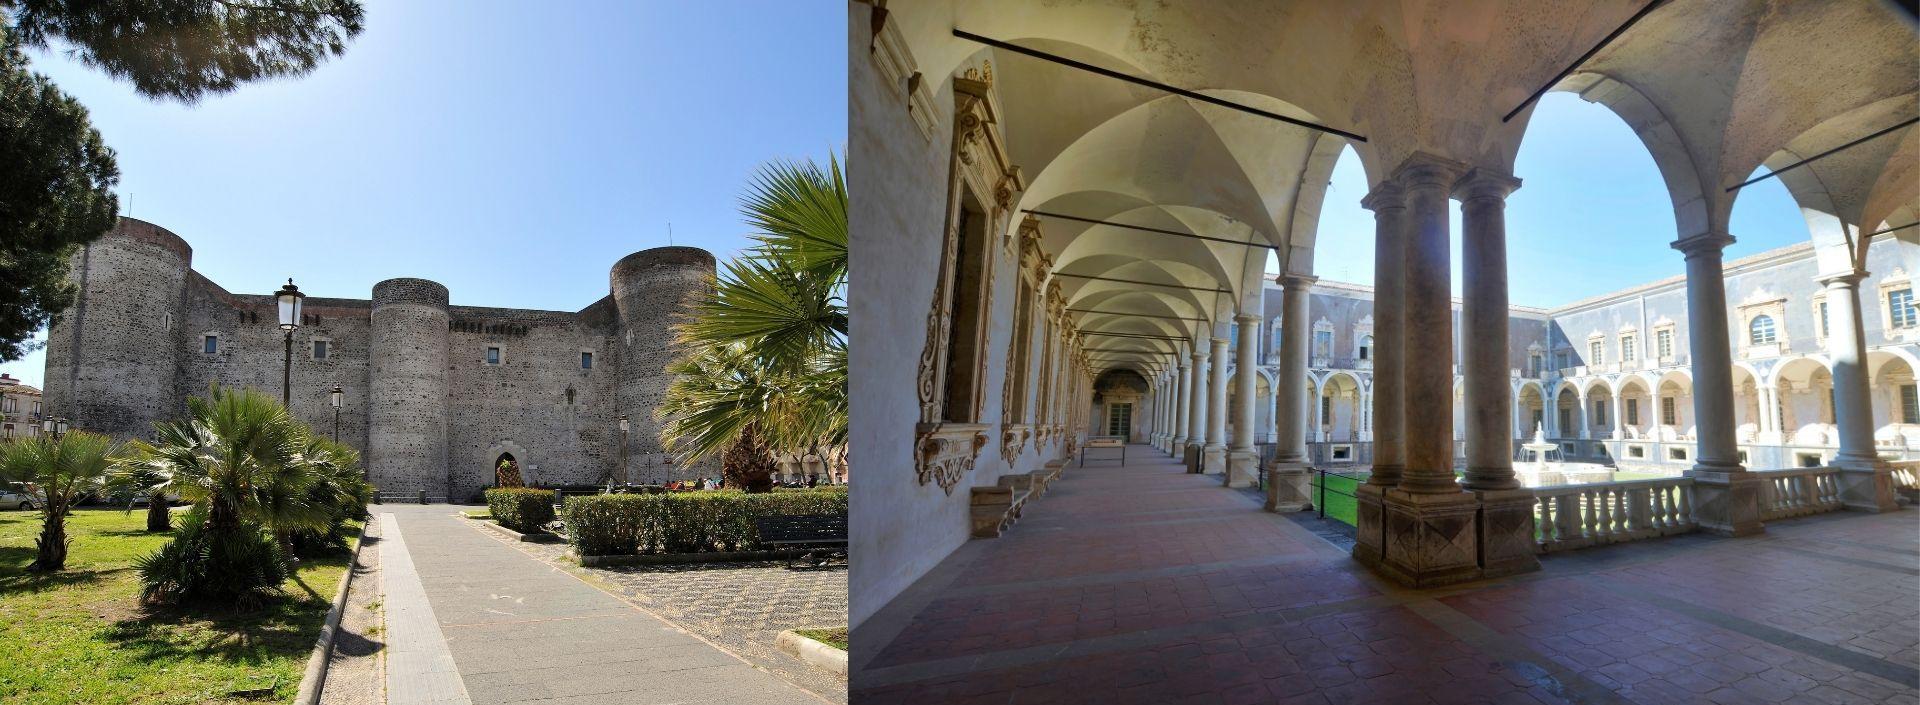 Veduta del Castello Ursino di Catania e del Monastero di San Nicolò l'Arena